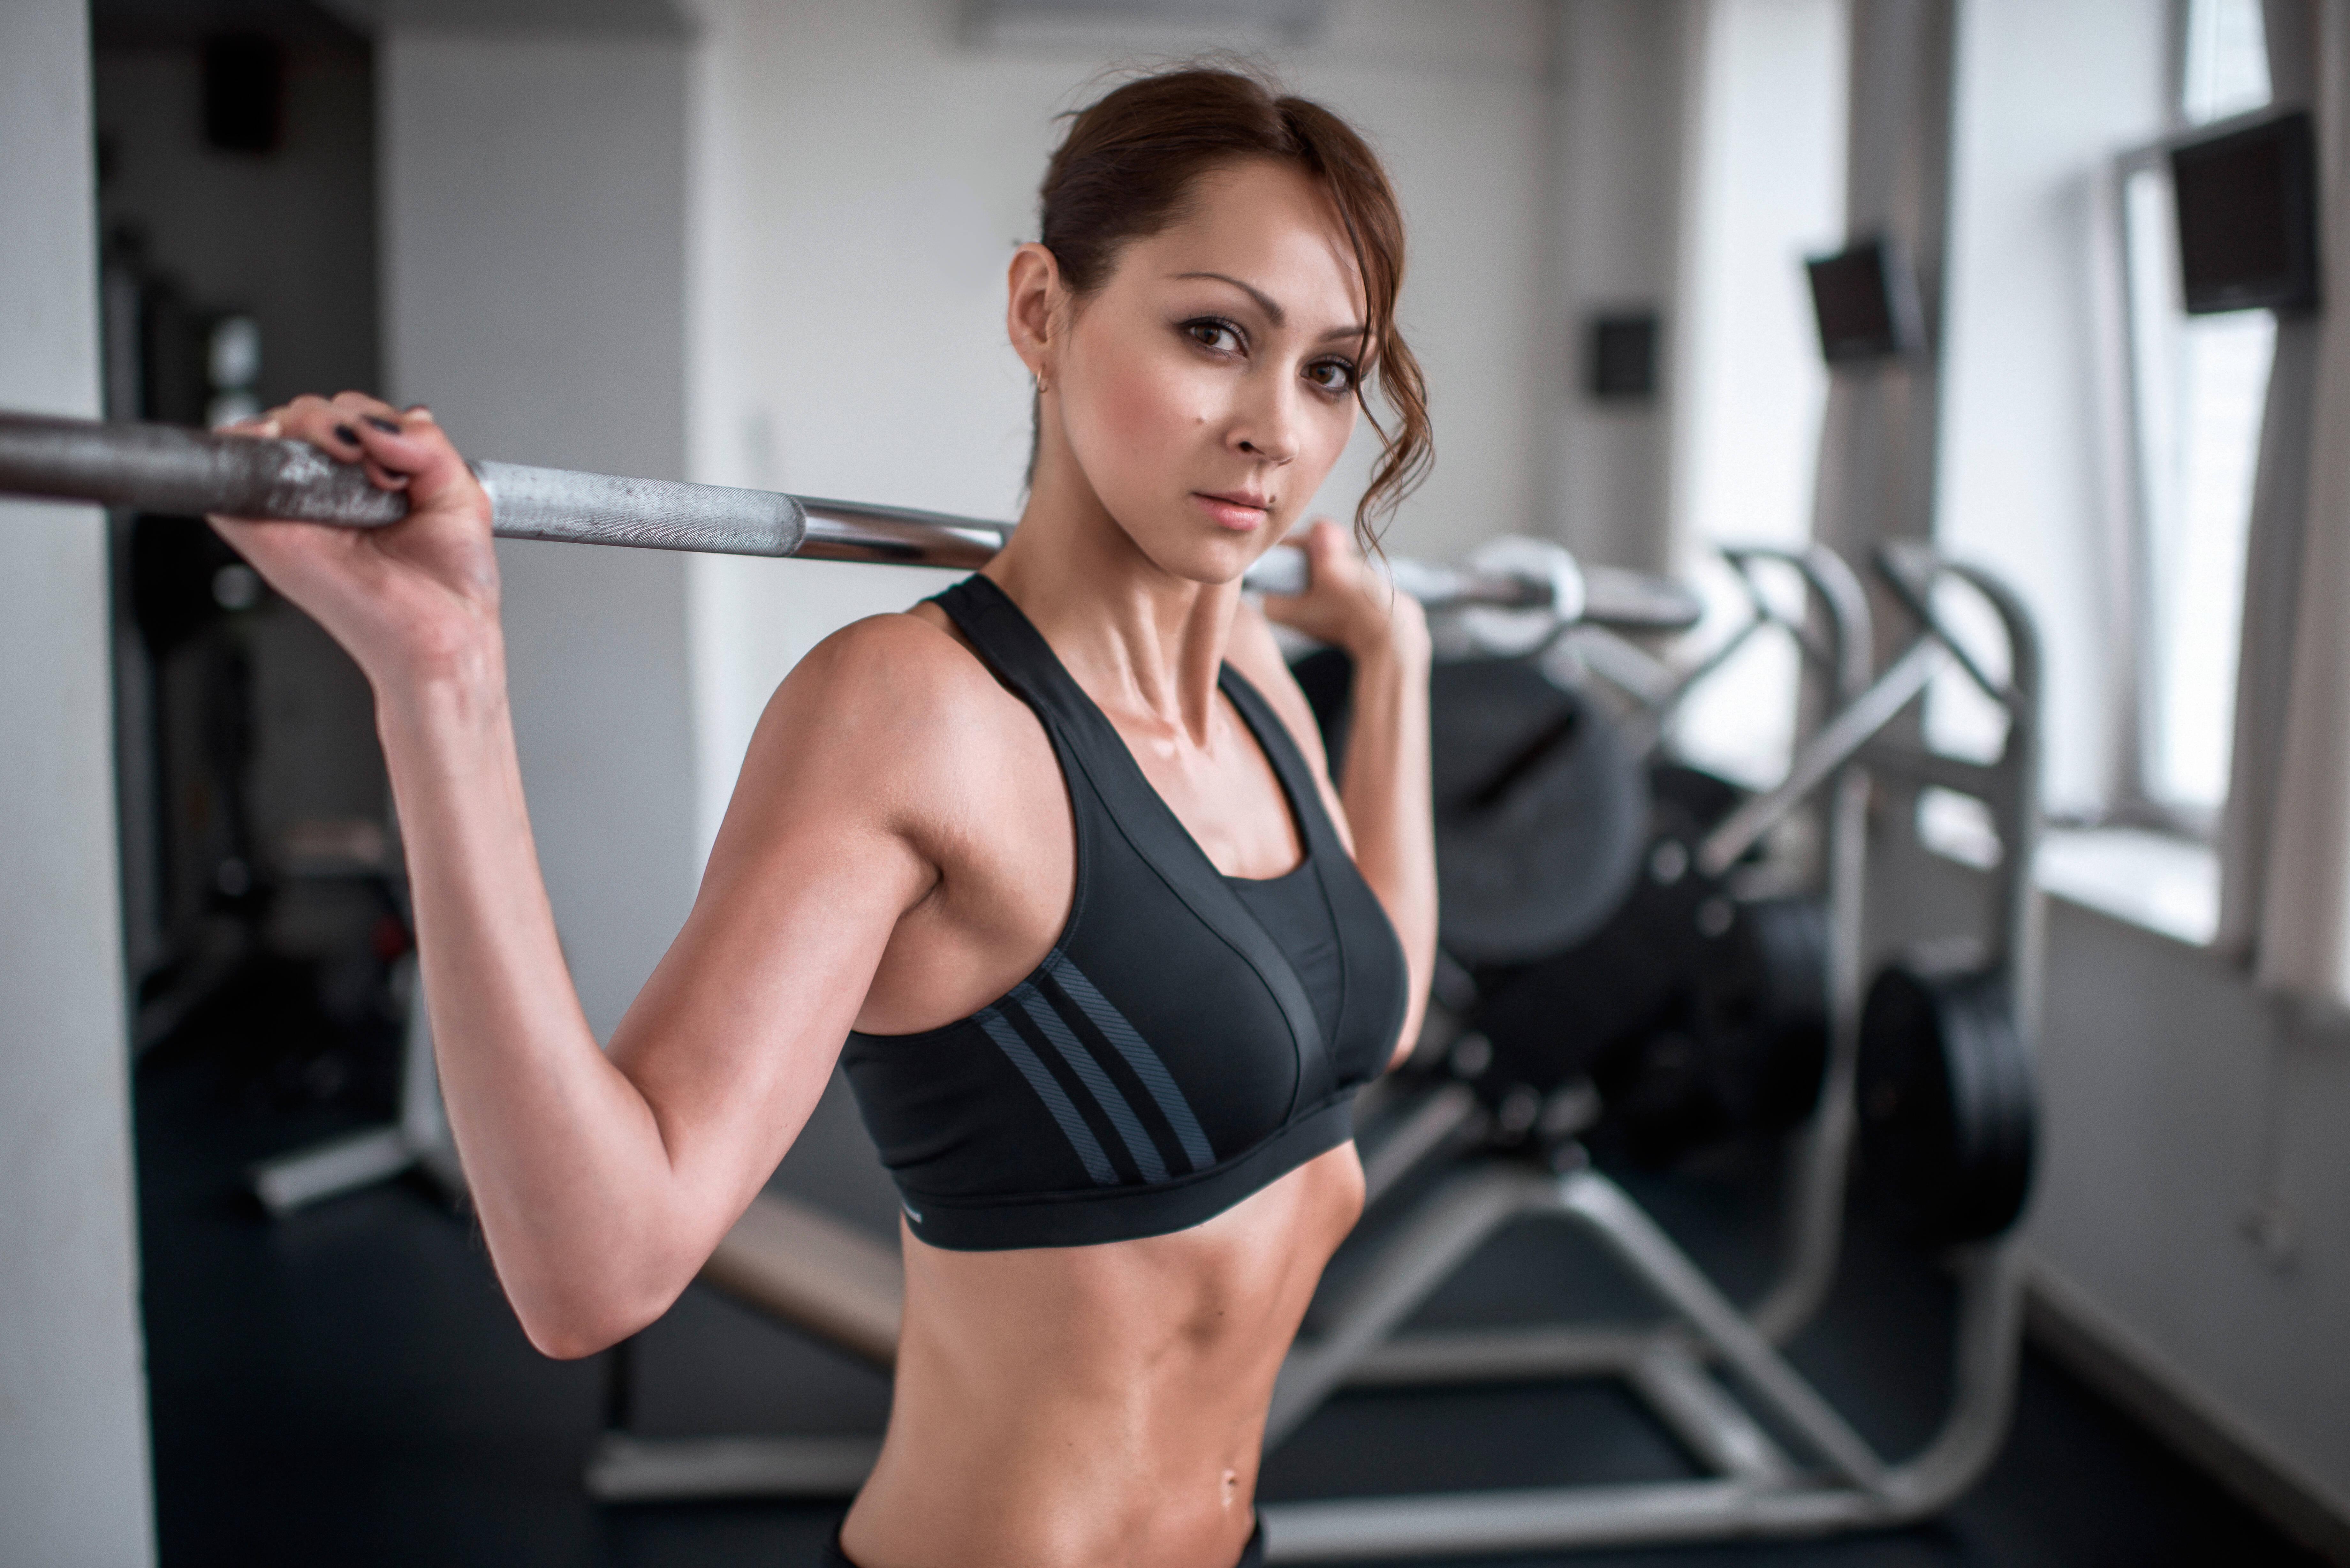 Mit der richtigen Mischung aus Wiederholungen, Gewicht und Erschöpfungsdauer haben Sie Erfolg beim Muskelaufbau.